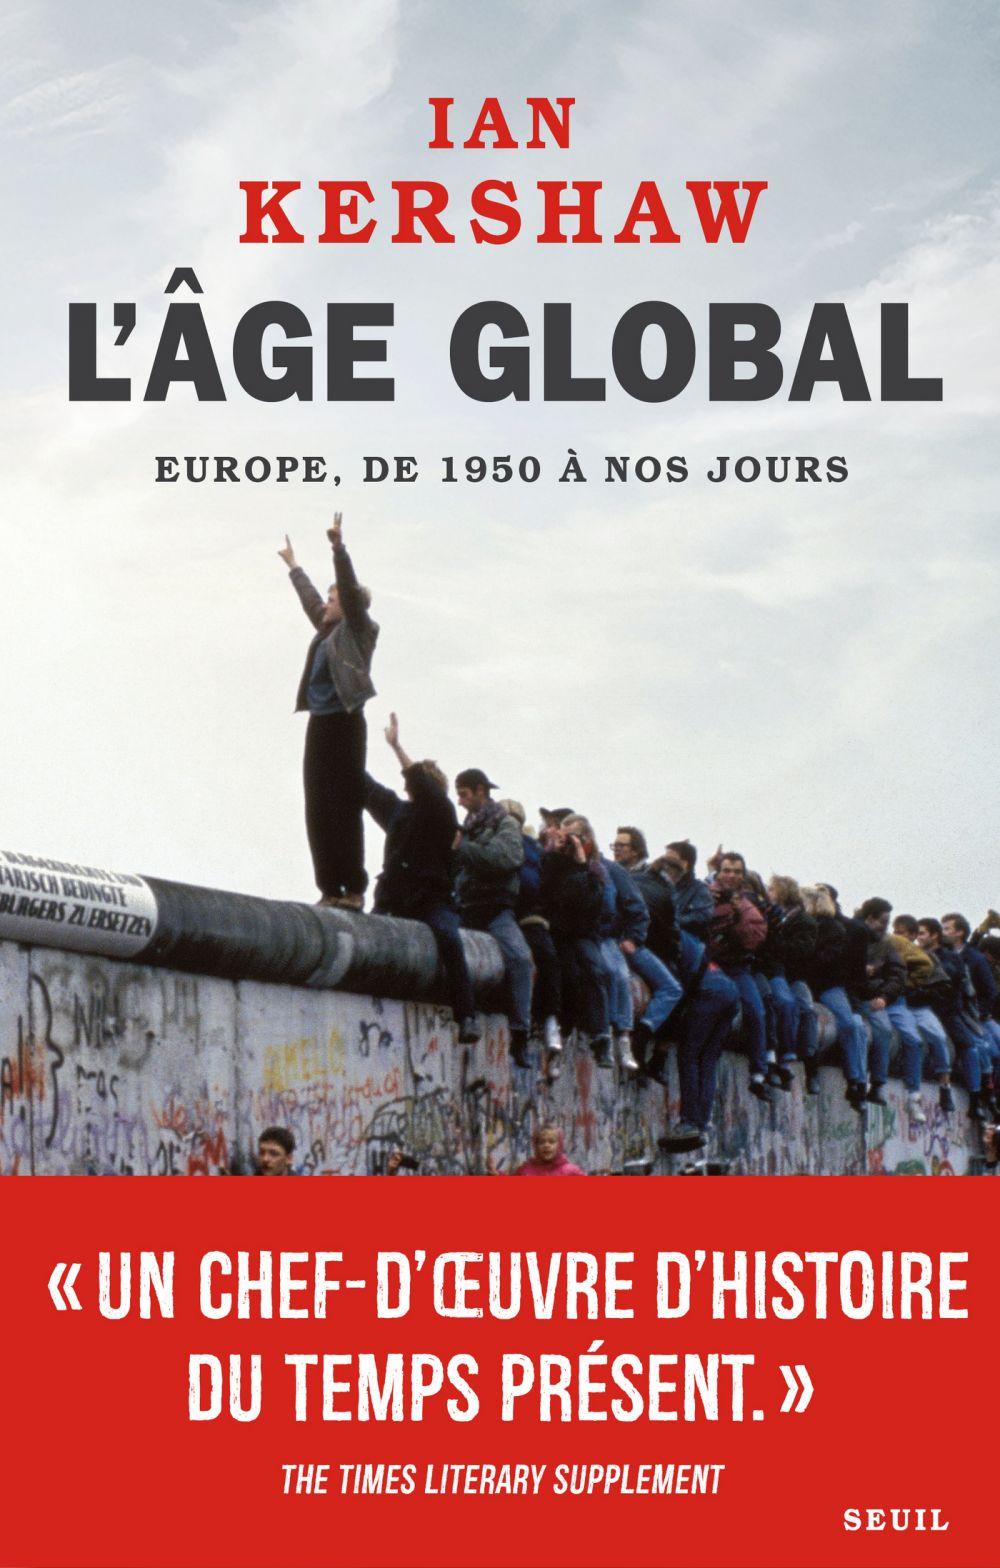 L'Âge global. Europe, de 1950 à nos jours | Kershaw, Ian (1943-....). Auteur